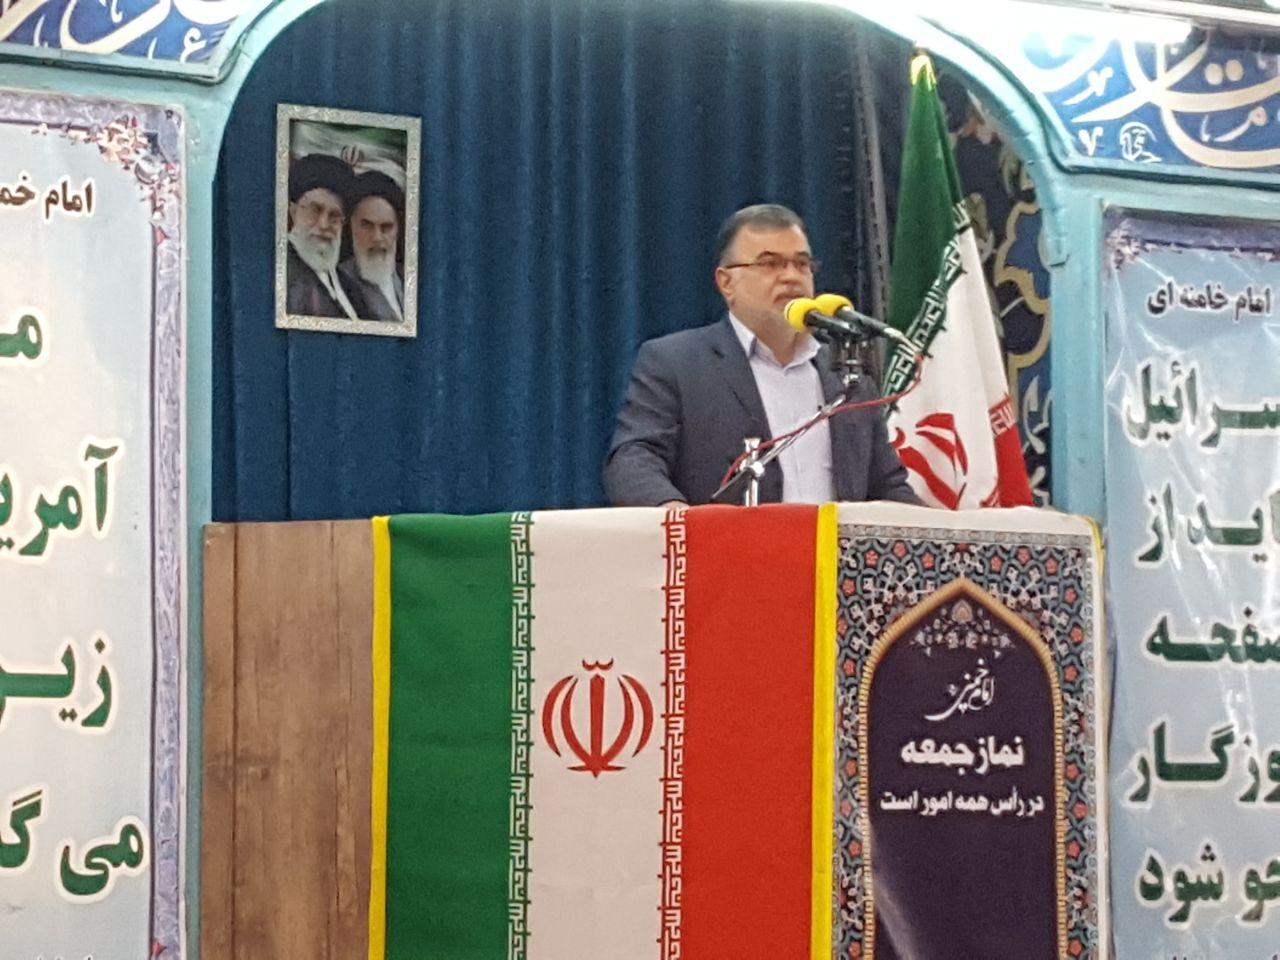 سخنان علی نجفی شهردار نیشابور پیش از خطبه های نماز جمعه به مناسبت فرارسیدن روز درختکاری